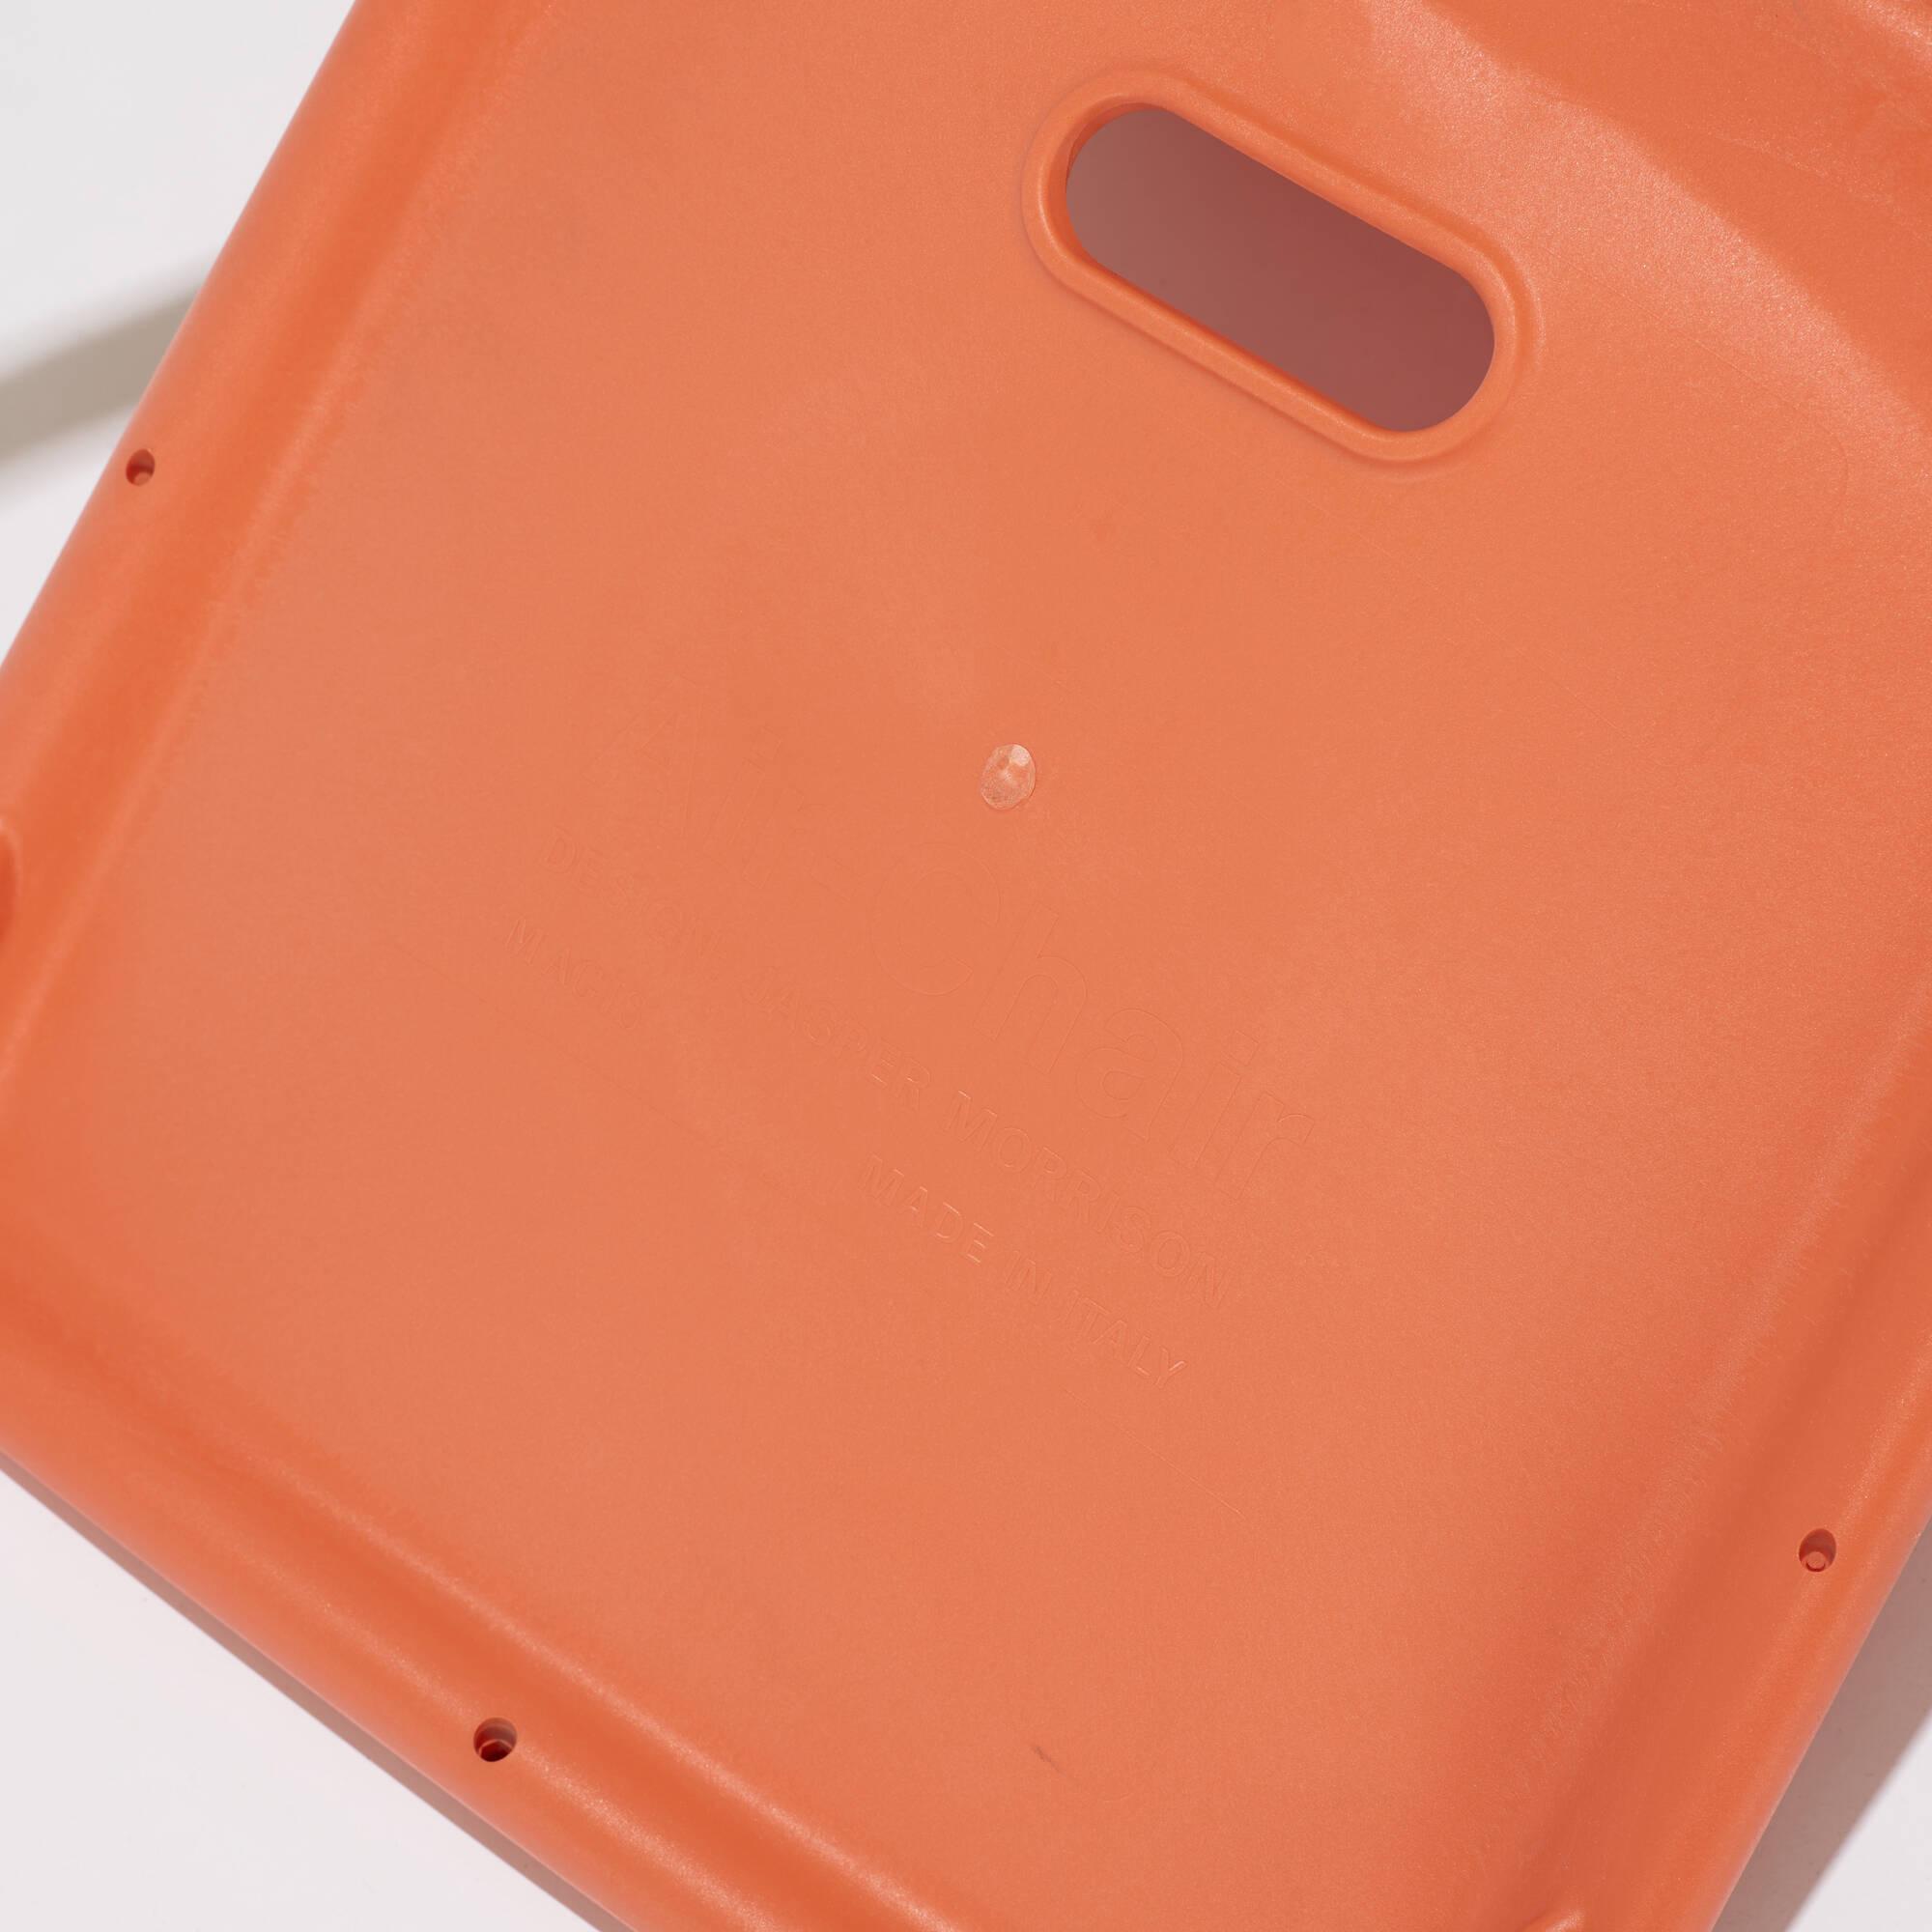 331: Jasper Morrison / Air chair (3 of 3)